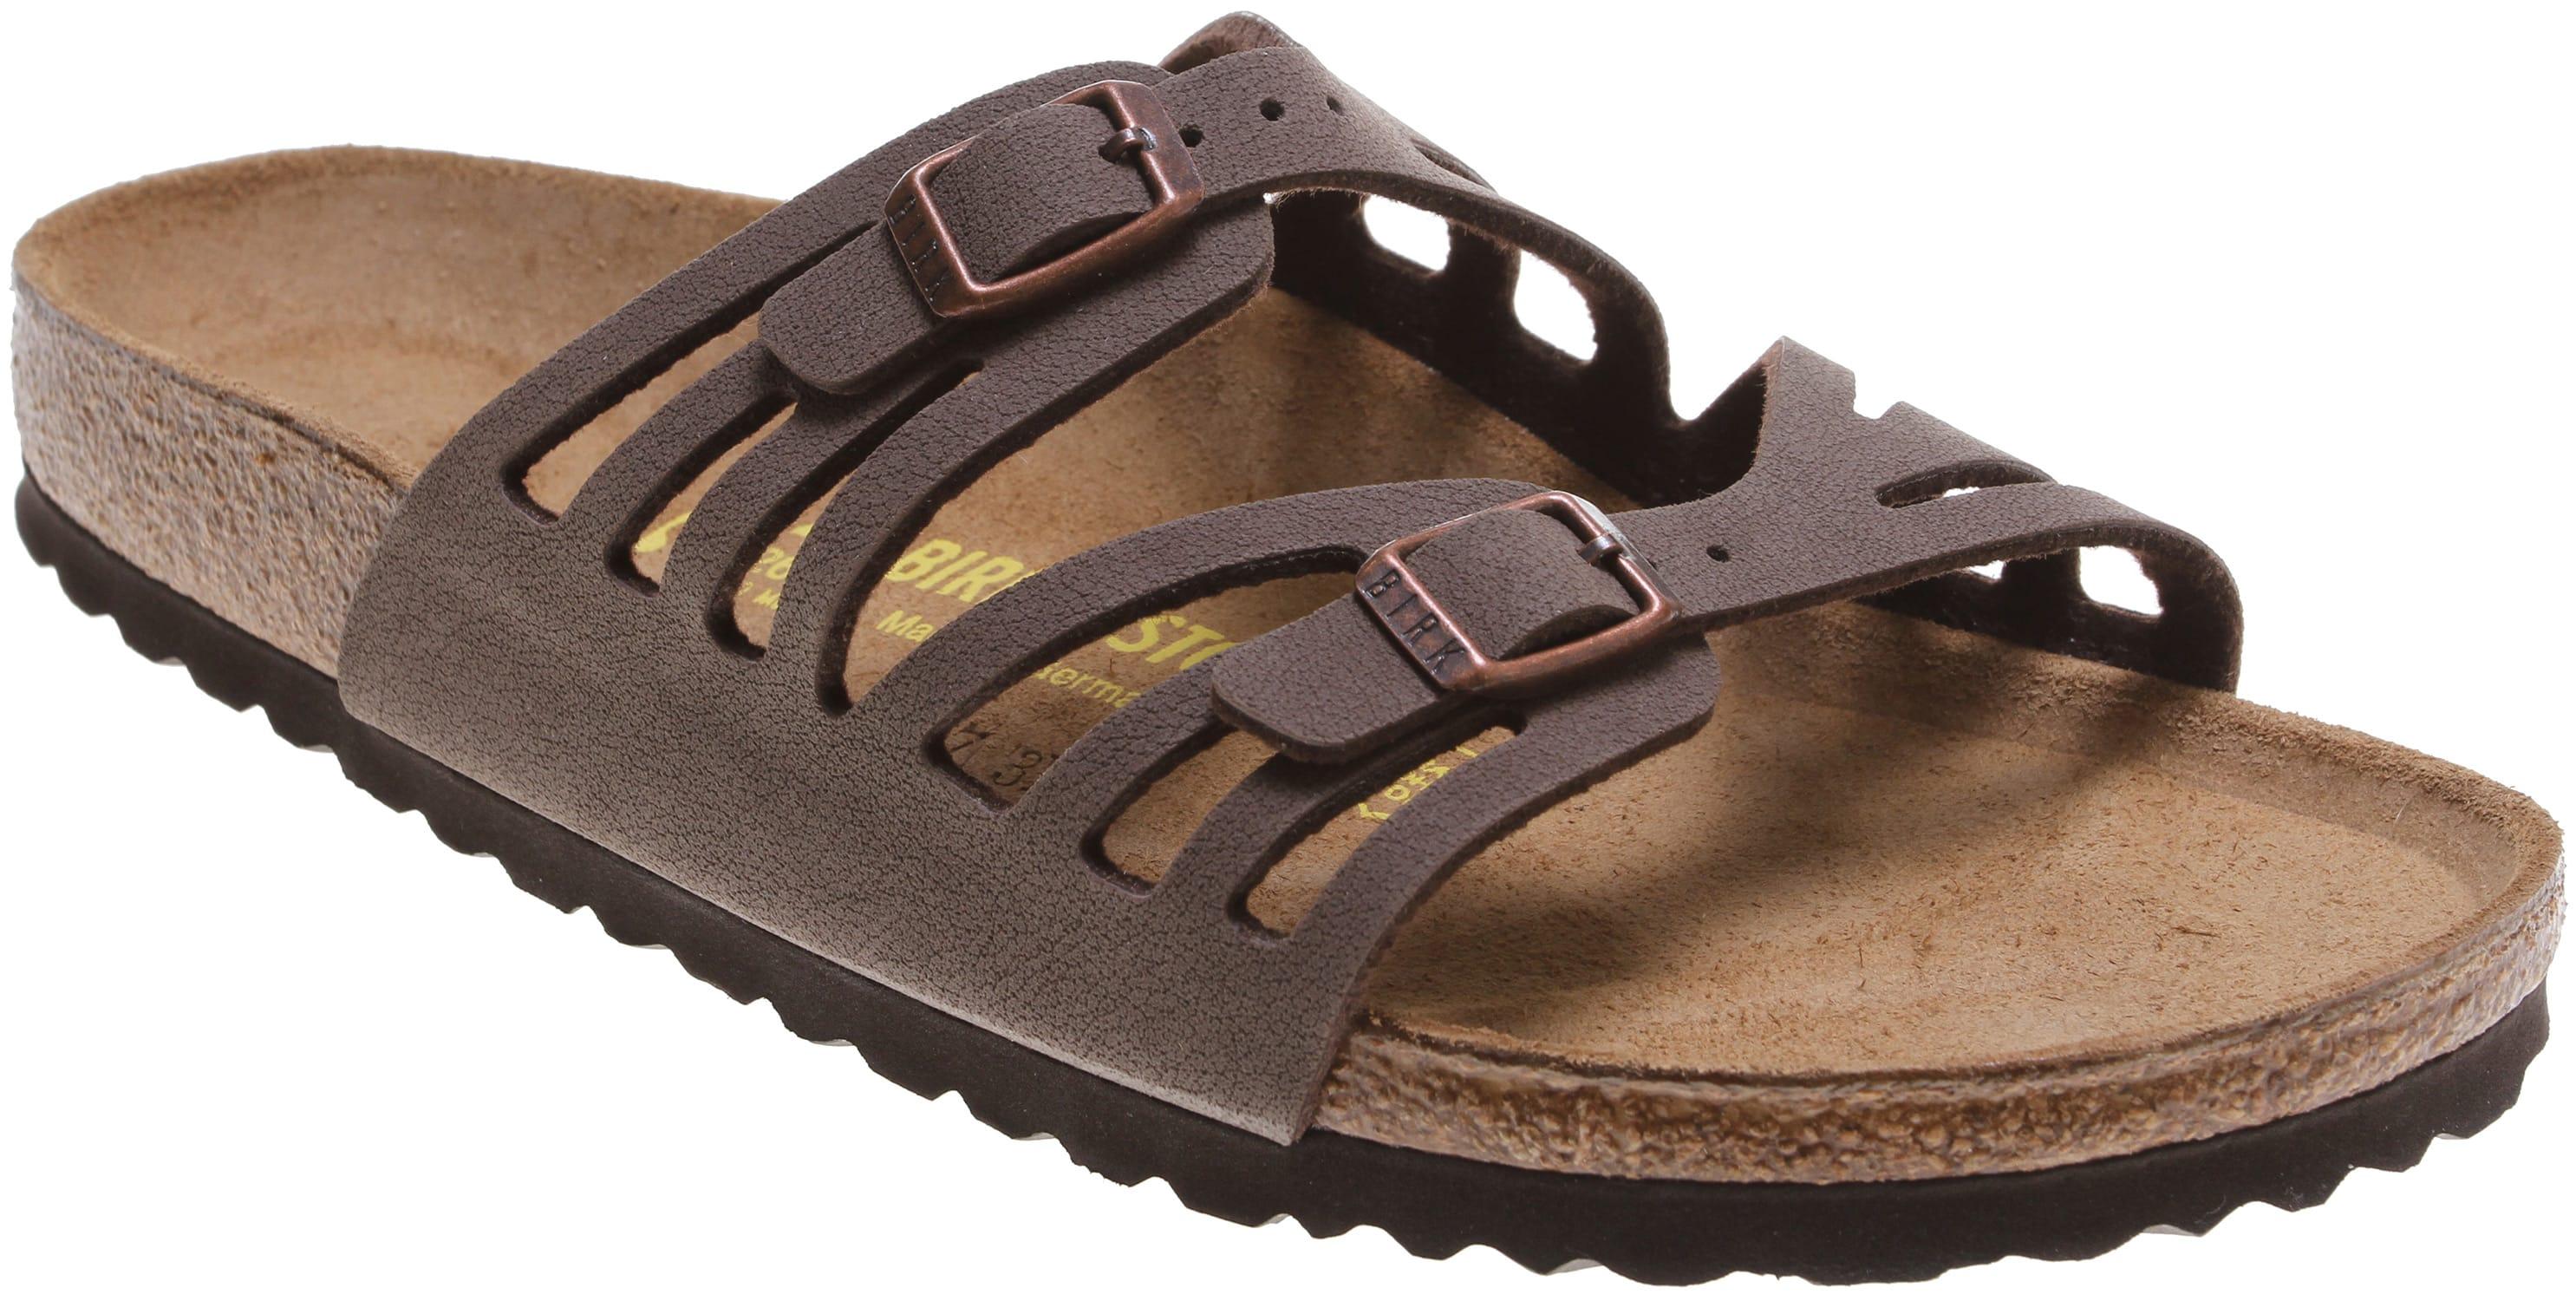 Birkenstock Sandals Are On Sale: On Sale Birkenstock Granada Sandals